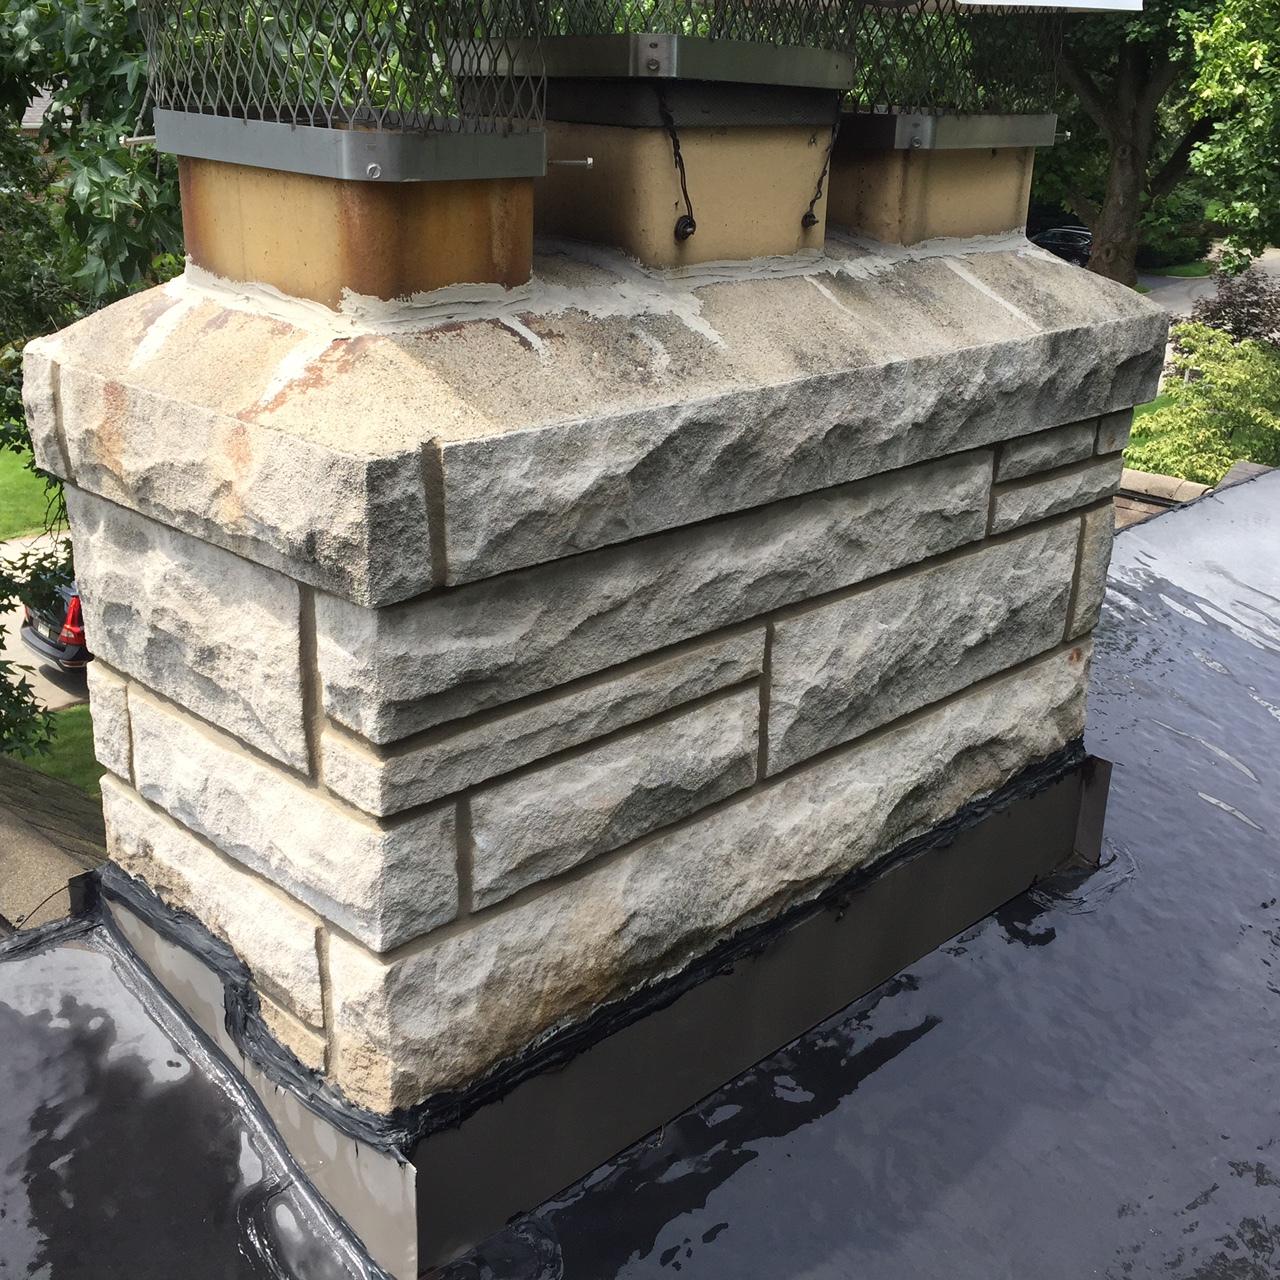 stone chimney rebuild and repair